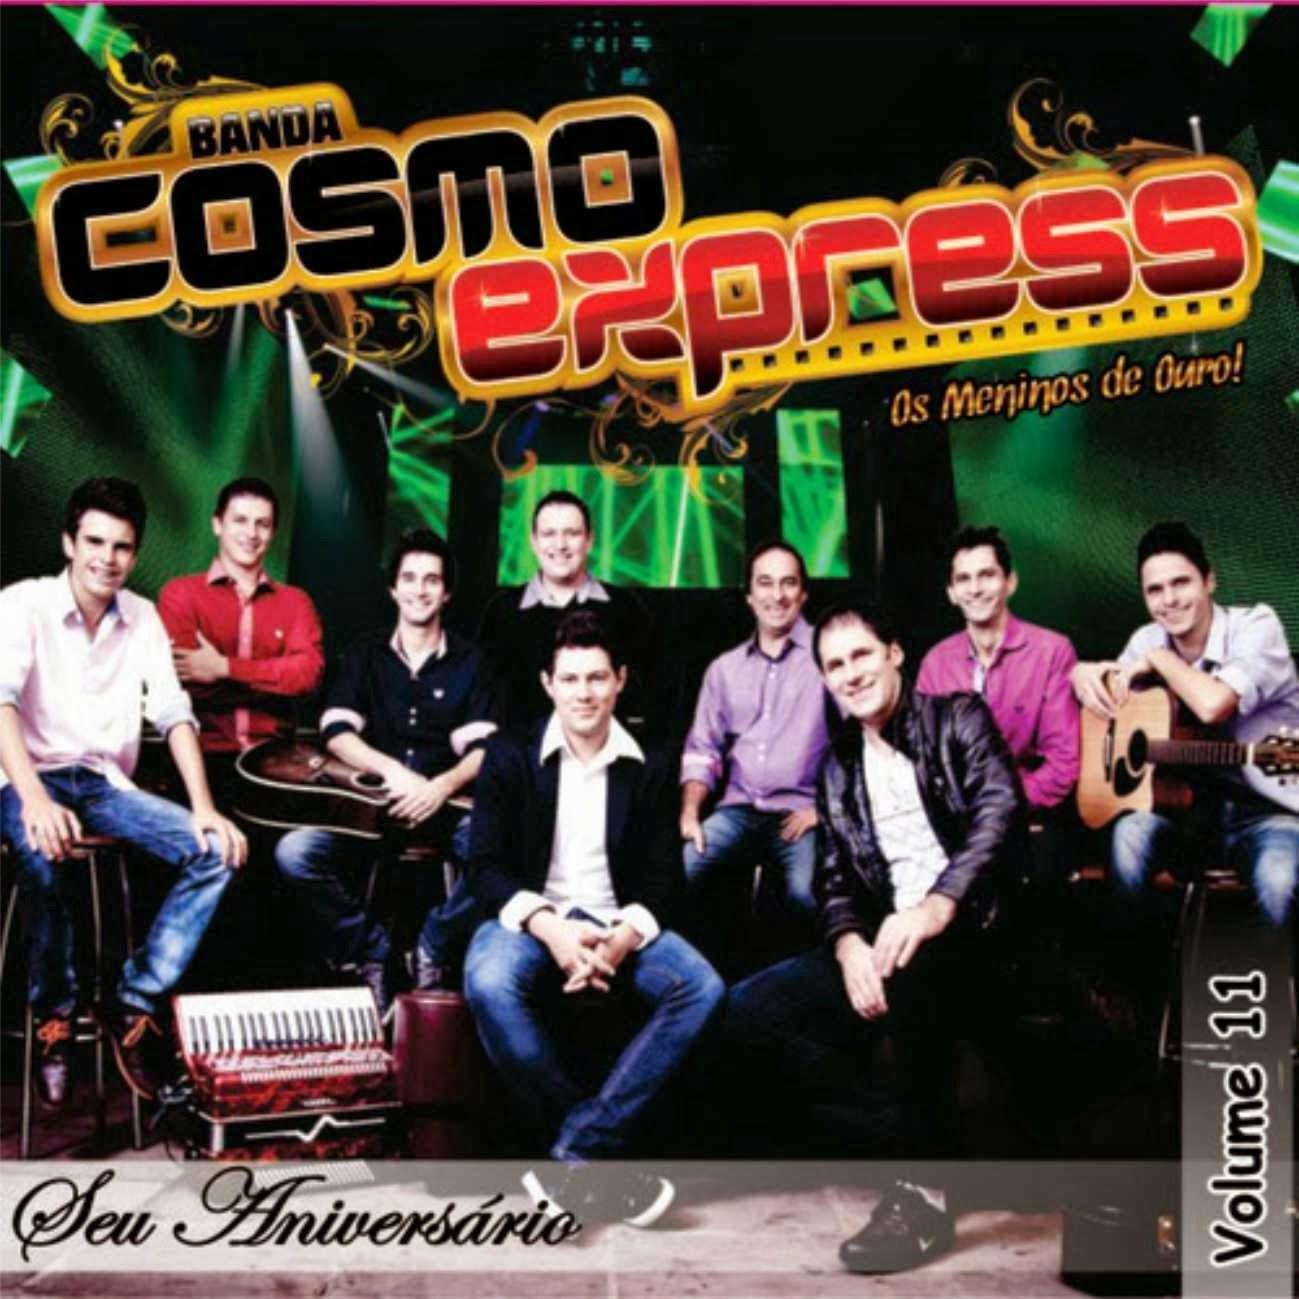 Cosmo Express - Vol. 11 - Seu Aniversário